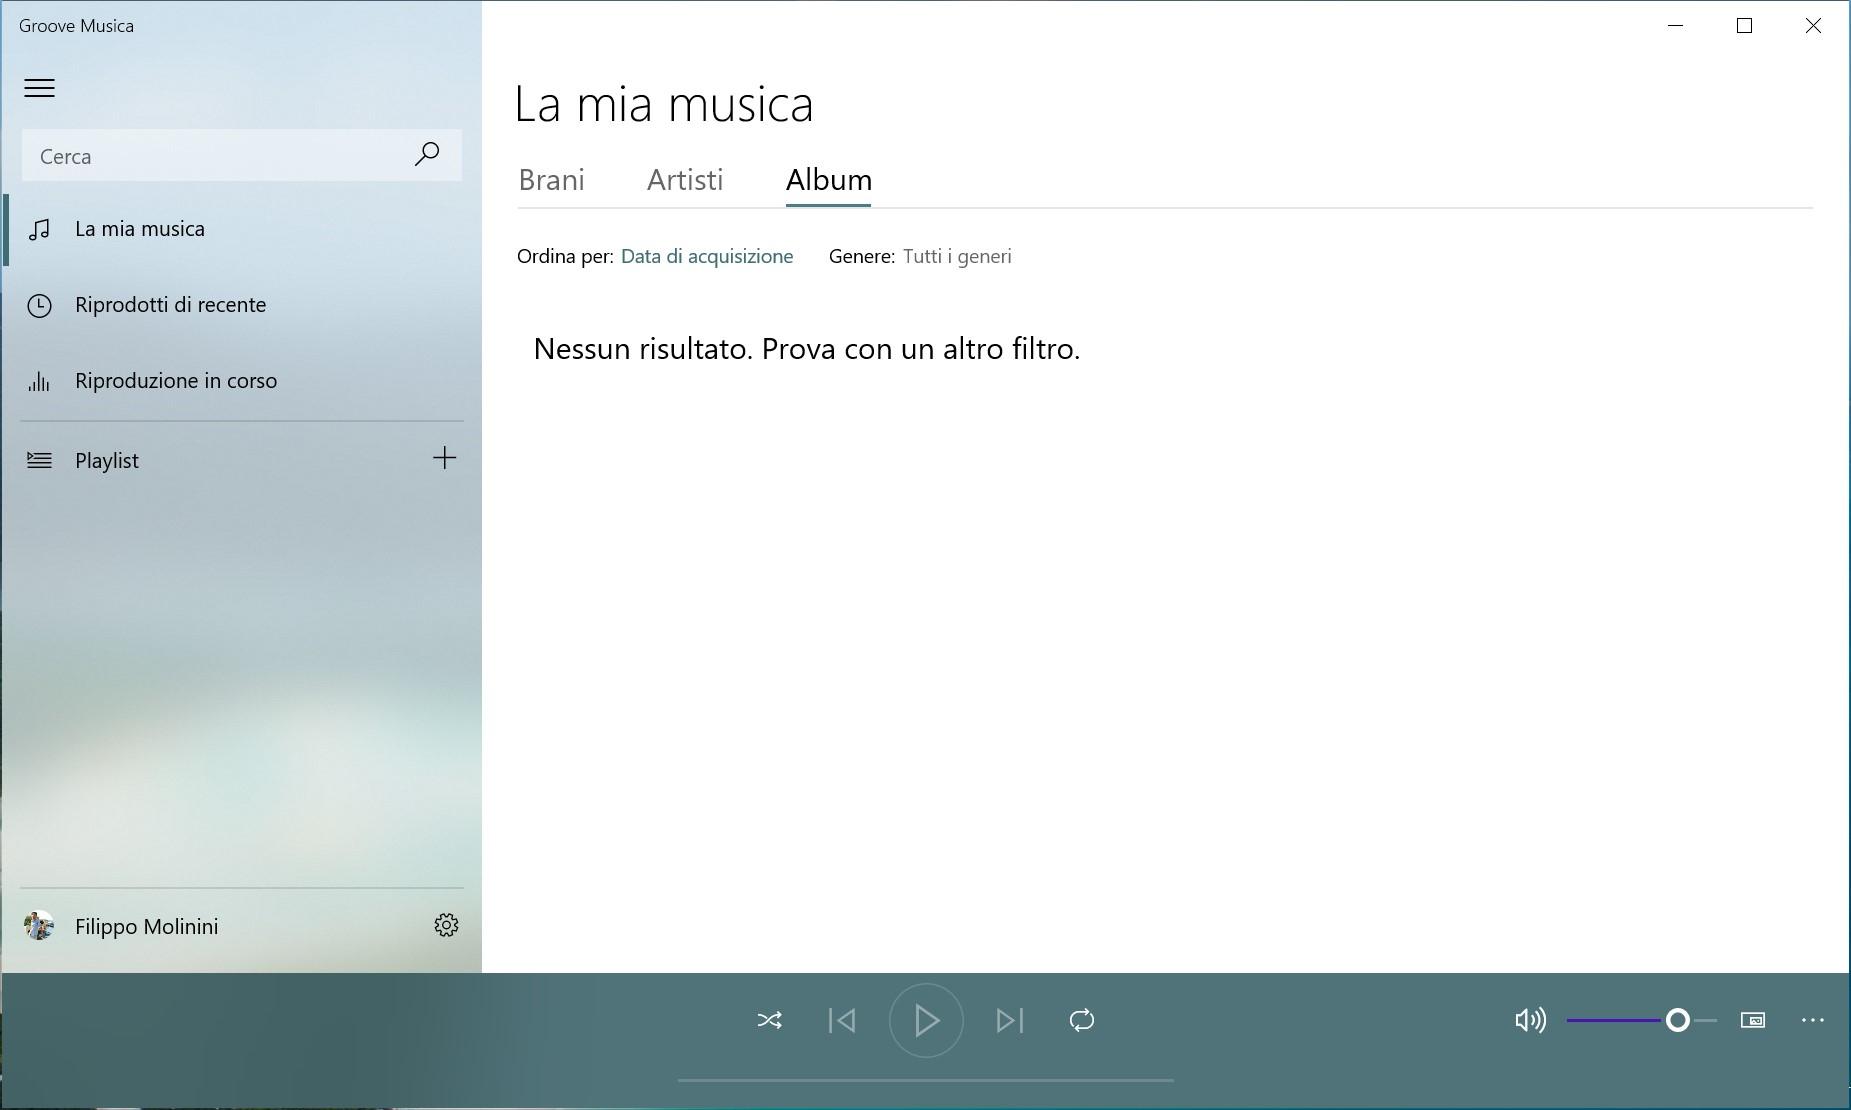 Groove Musica per Windows 10 - Banner di Spotify rimosso